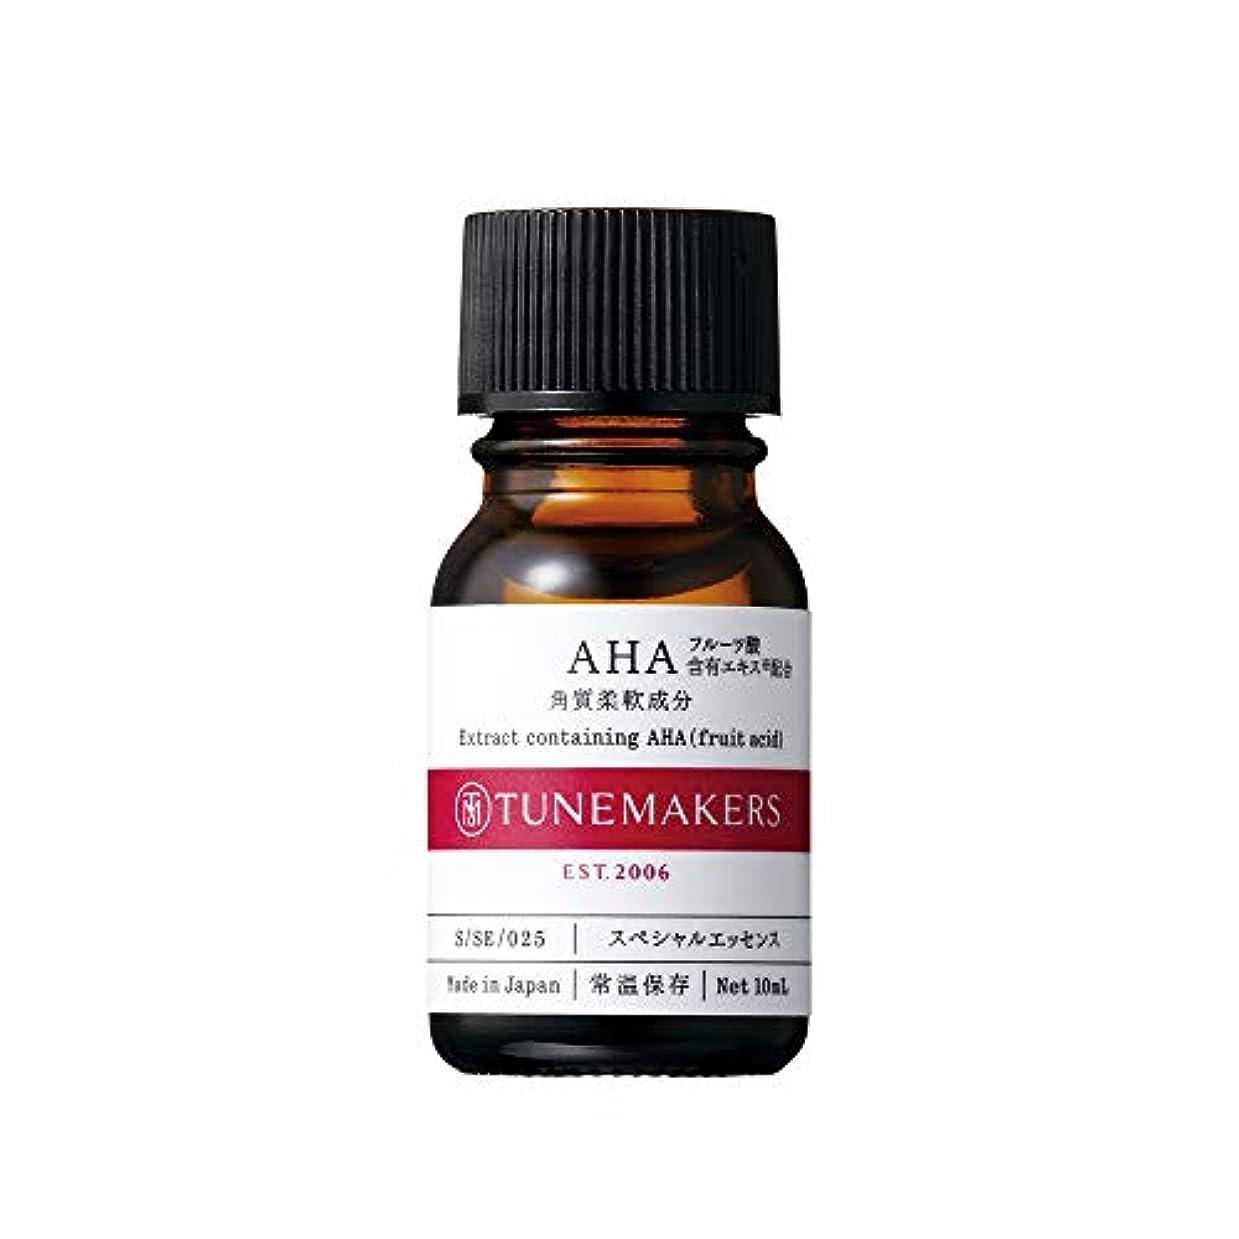 負担名門公爵TUNEMAKERS(チューンメーカーズ) AHA(フルーツ酸) 含有エキス 美容液 10ml